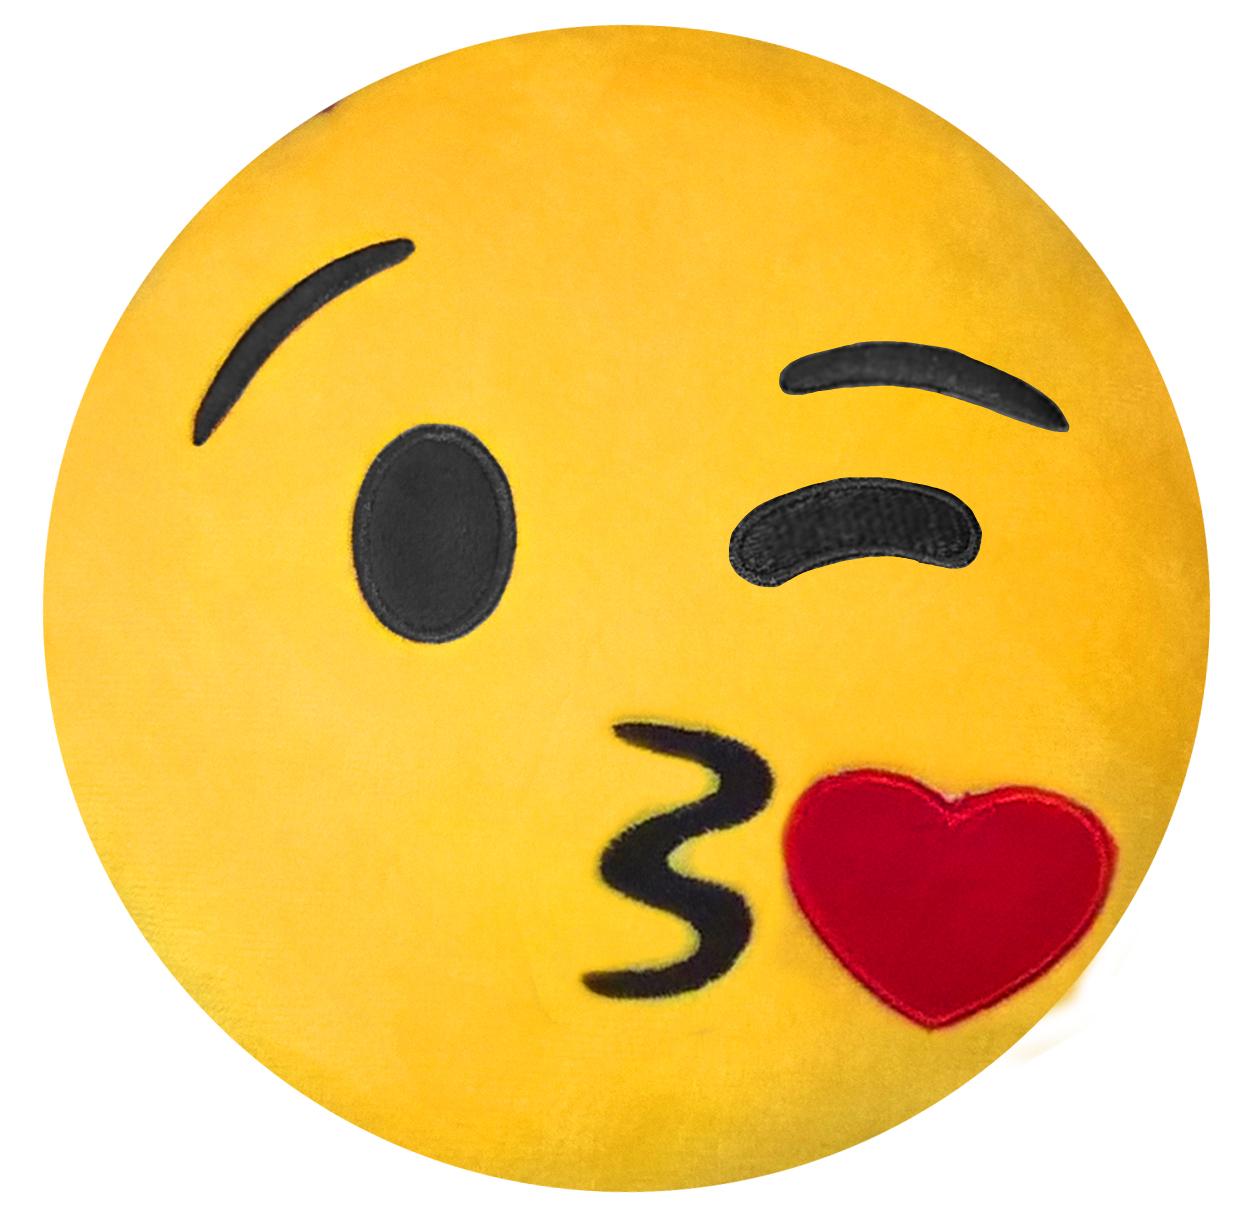 Подушка на подголовник Rexxon Поцелуй, цвет: желтый3-13-4-1-1Включает в себя функции подушки, подголовника, игрушки.